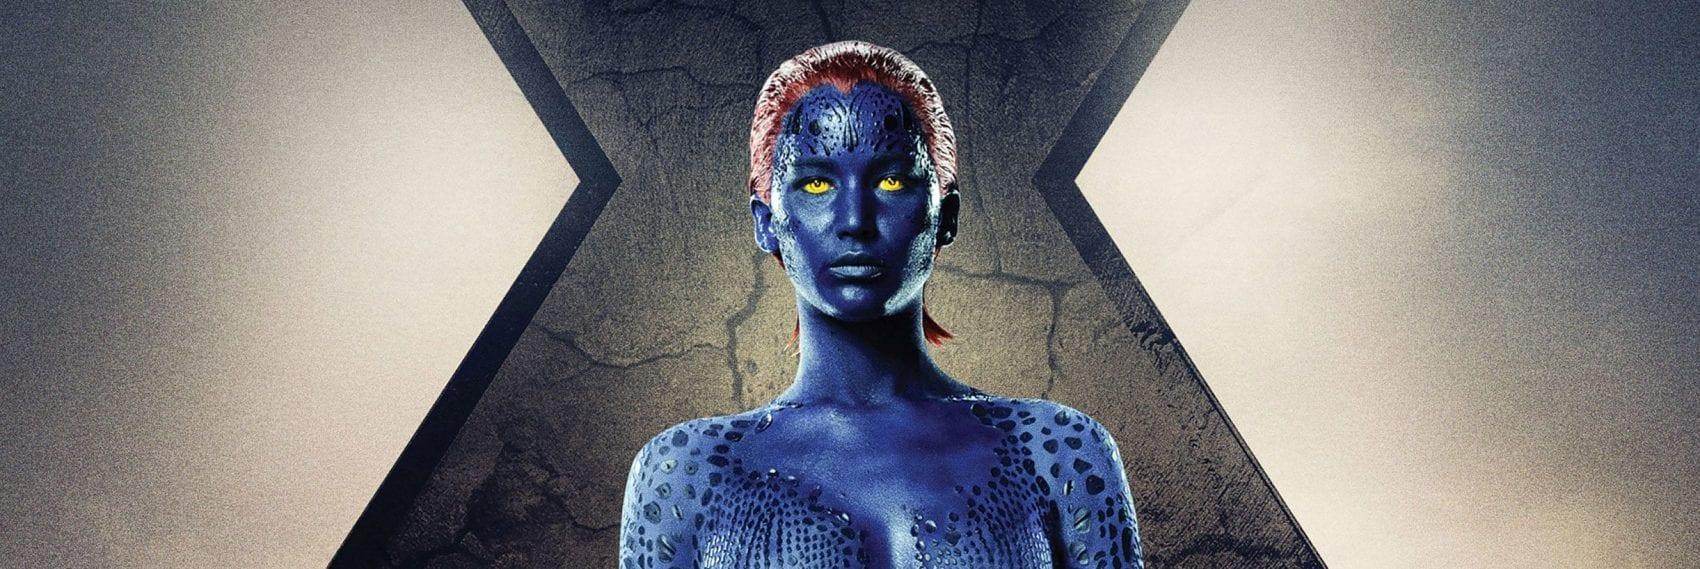 X-Men Apocalypse Review My Geek Actu 13